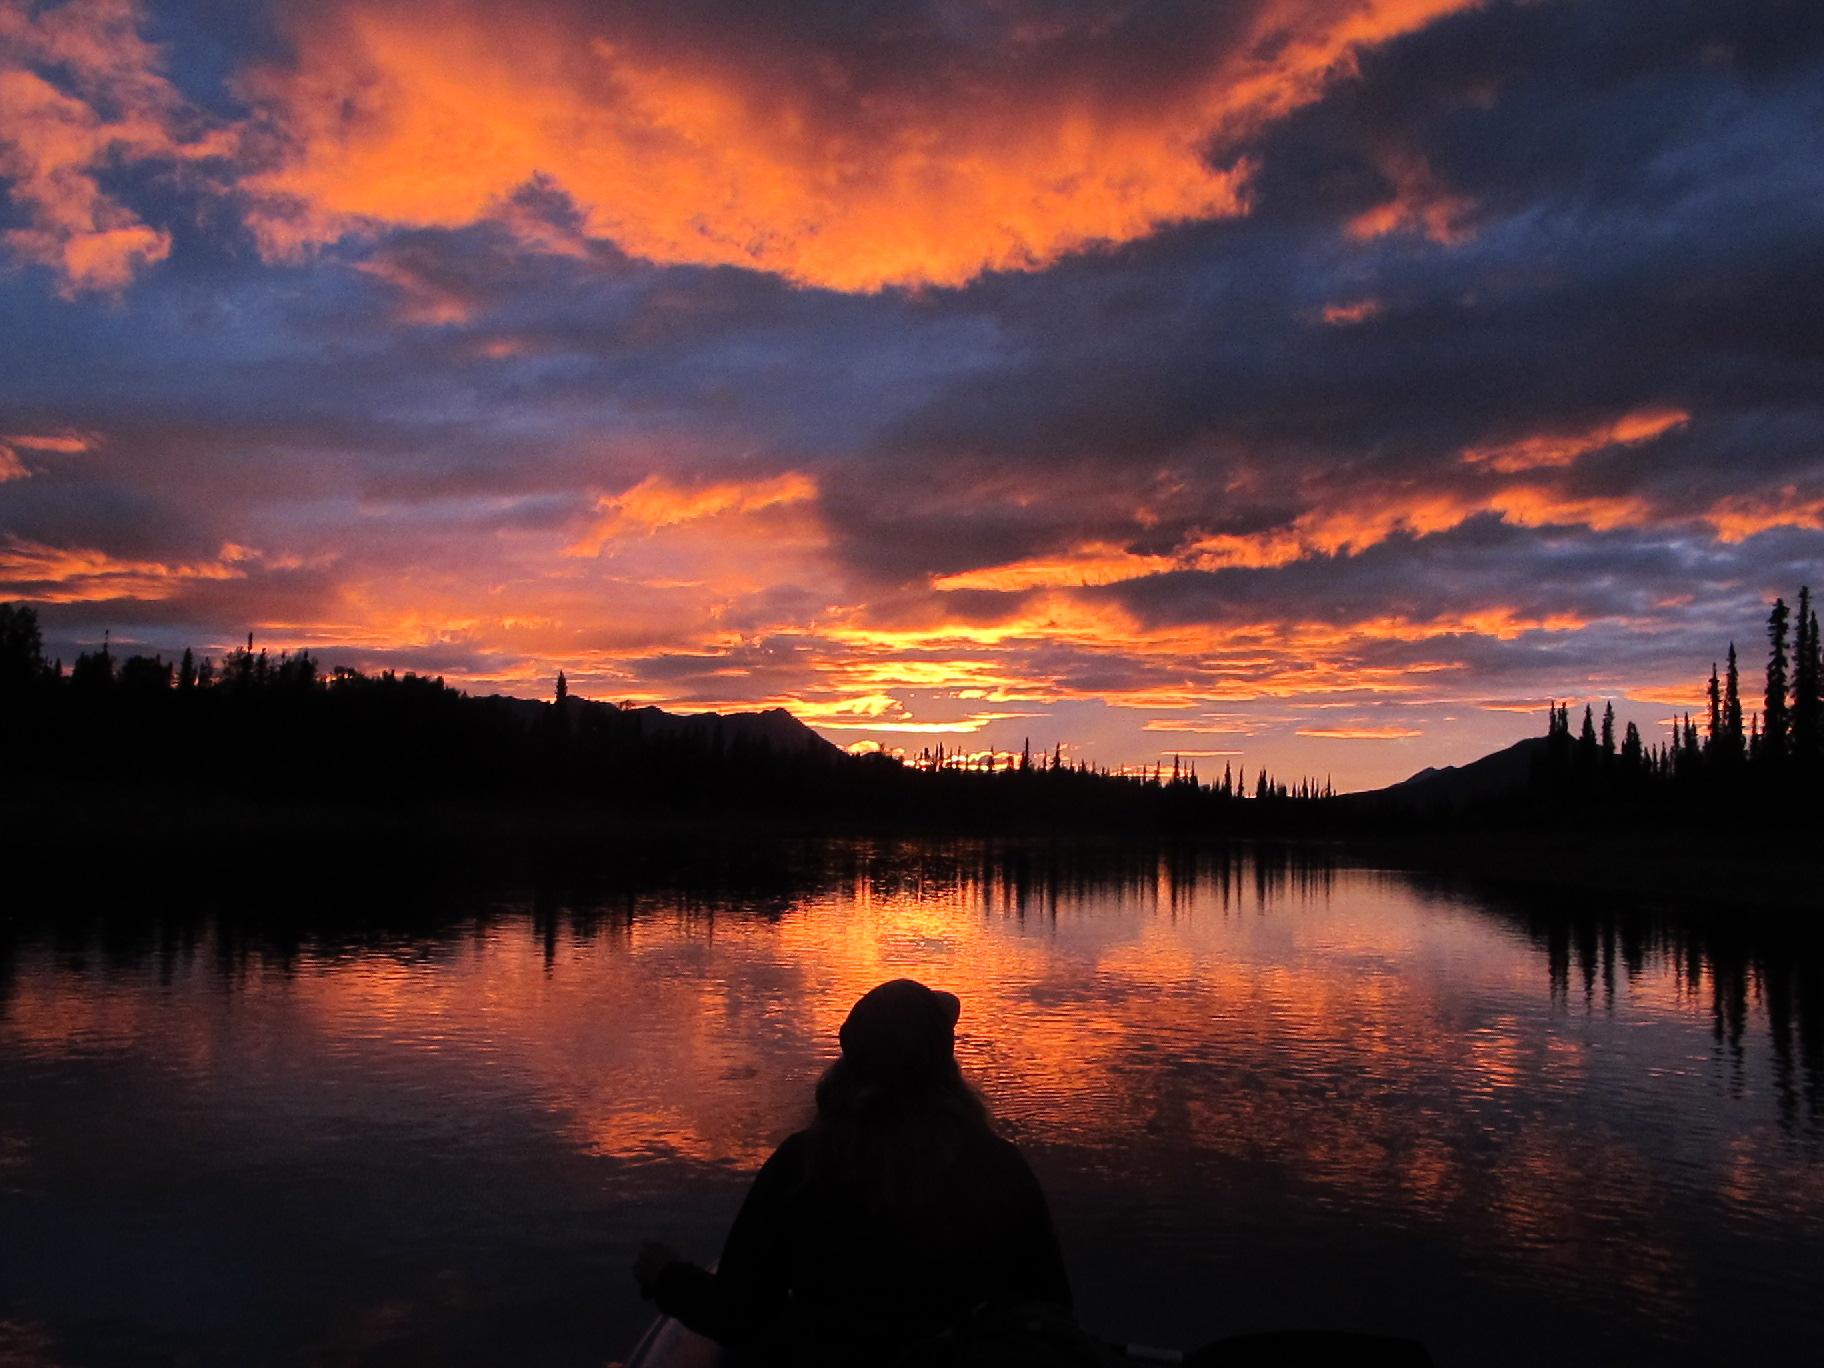 Alatna River Sunset